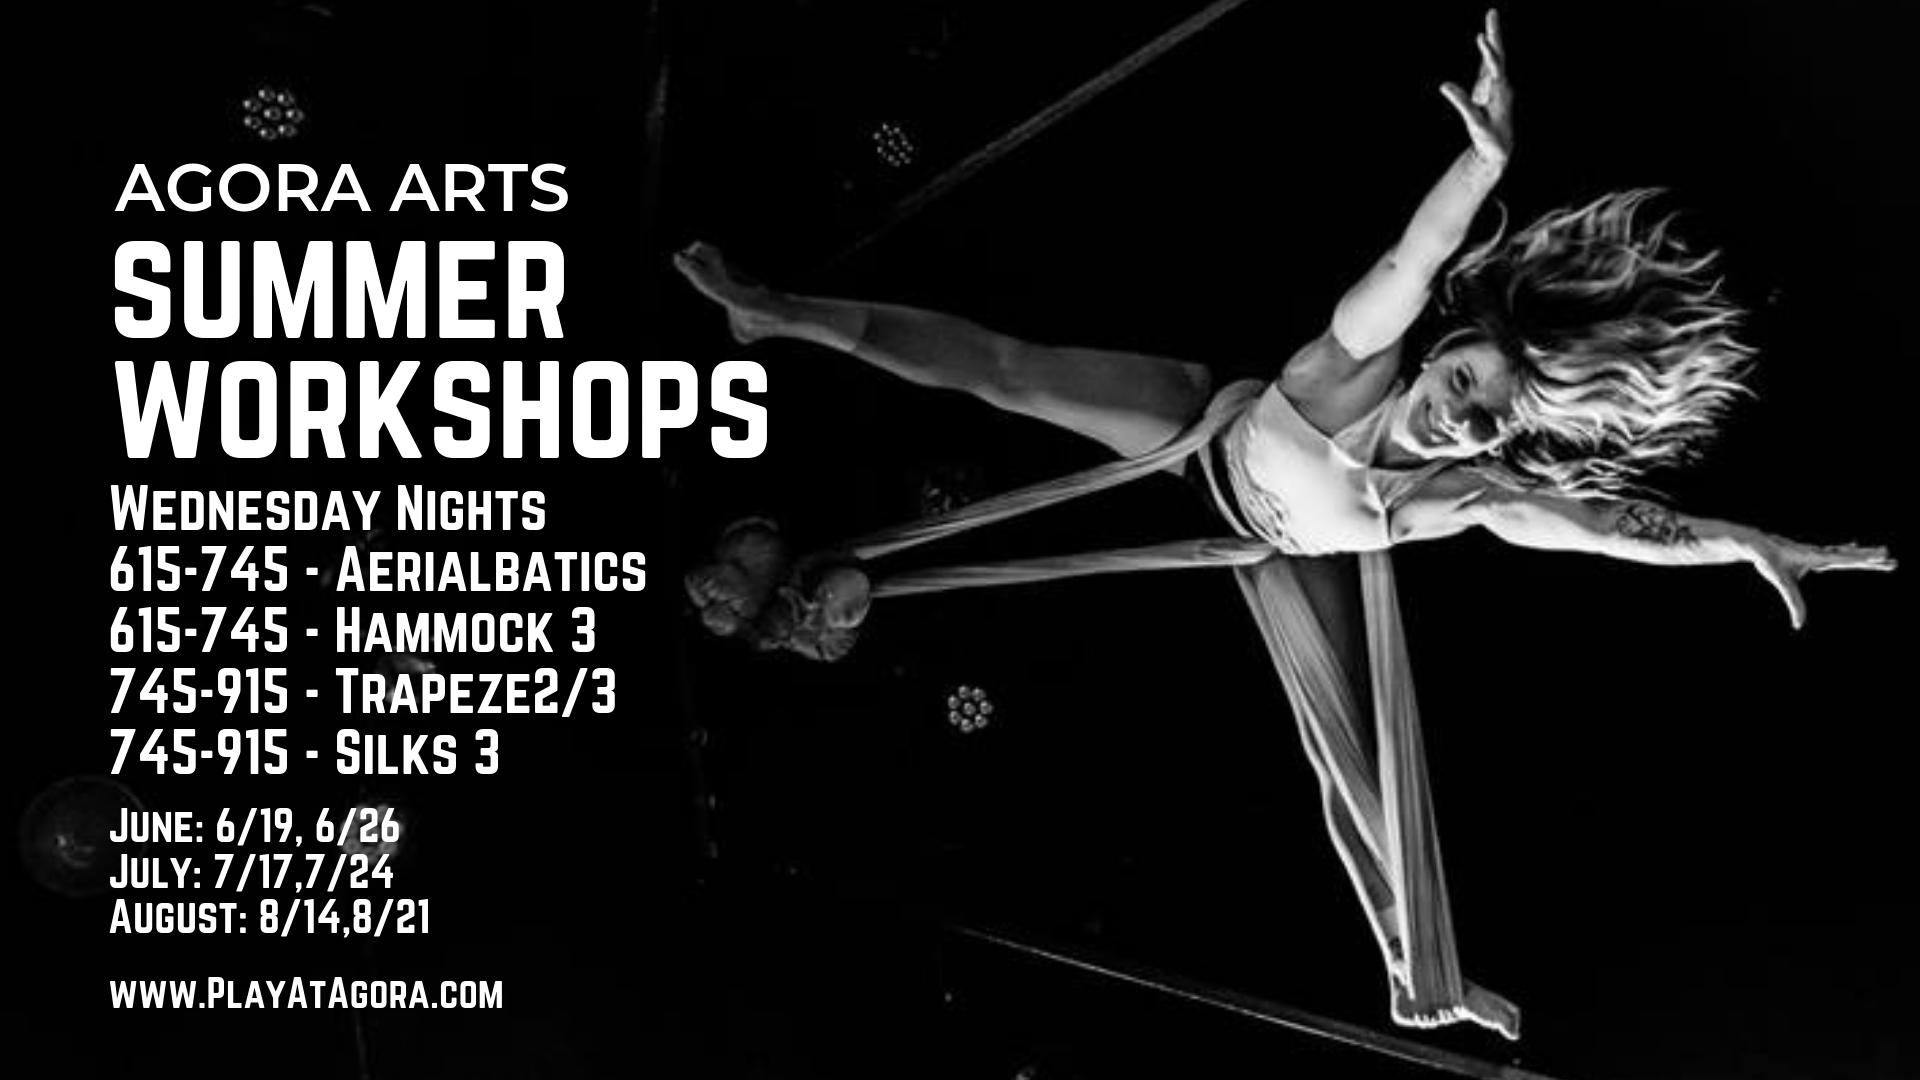 mmer workshops AGORA ARTS June_ 6_19, 6_26 July_ 7_17,7_24 August_ 8_ (1).png